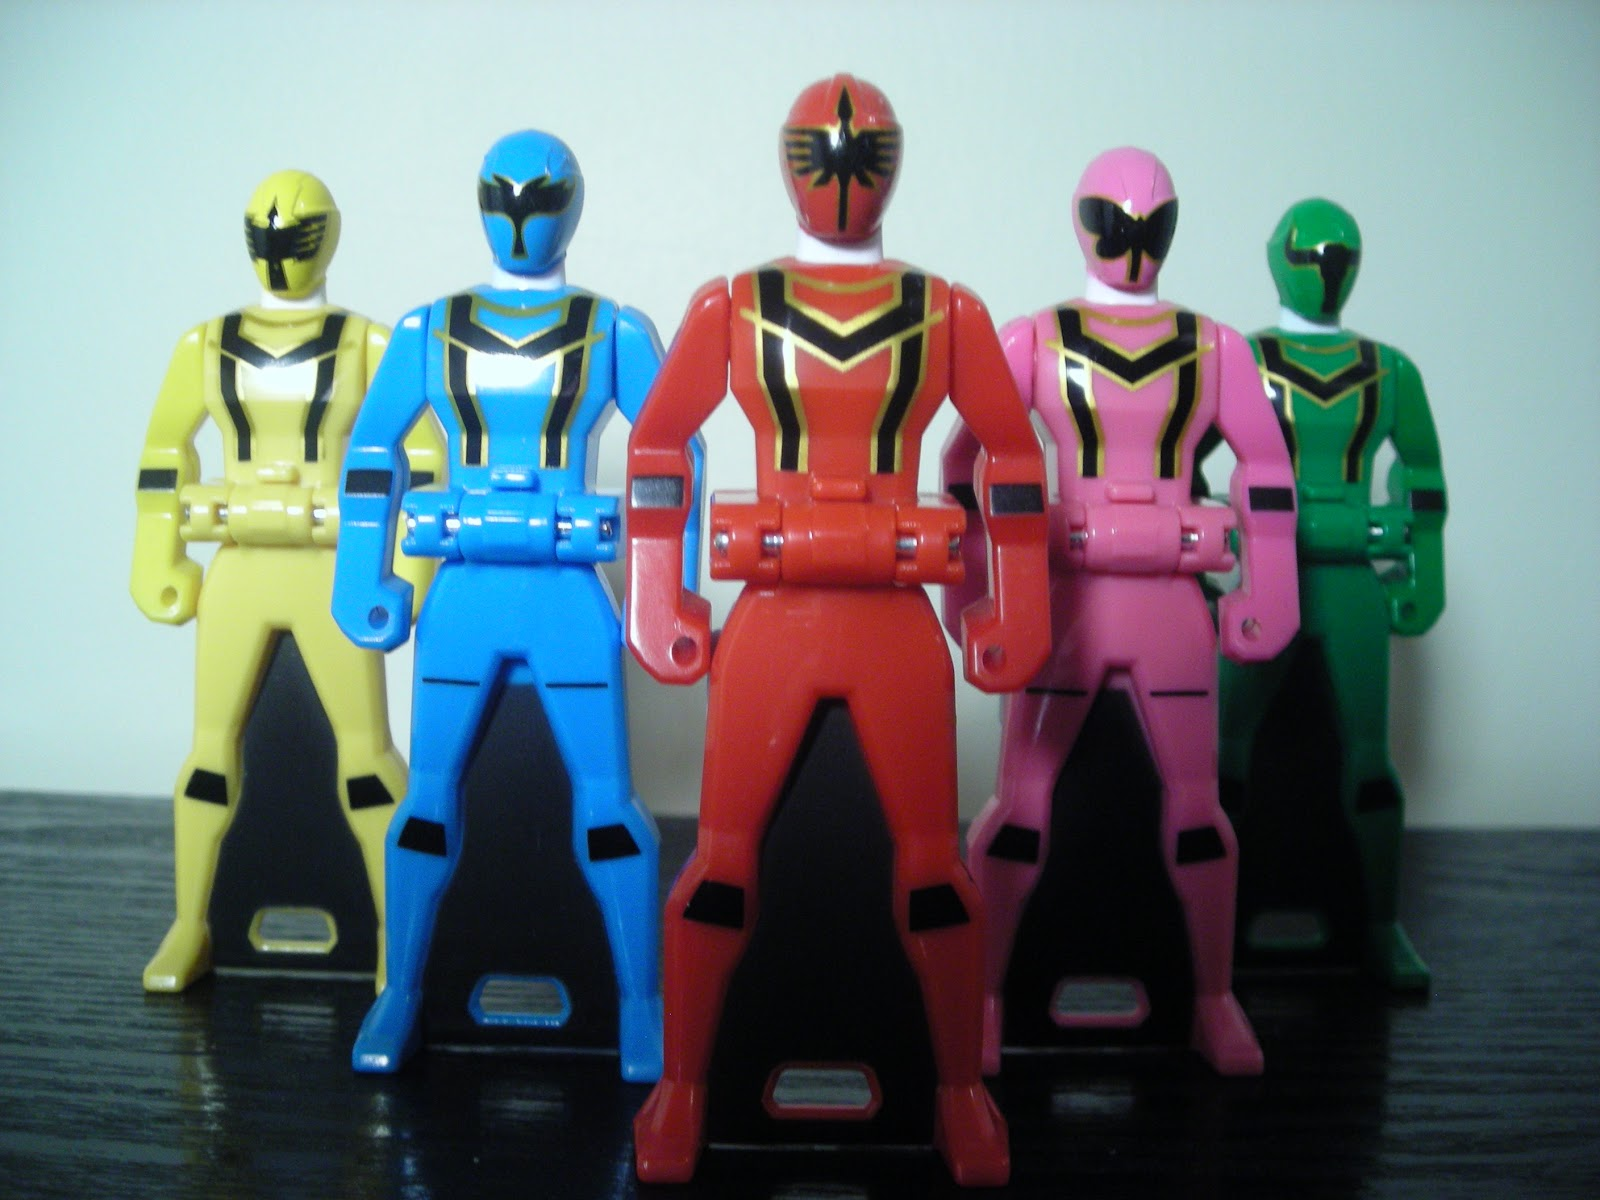 NEW Ranger Key Series Kaizoku Sentai Gokaiger Ranger key Set Dekaranger Bandai